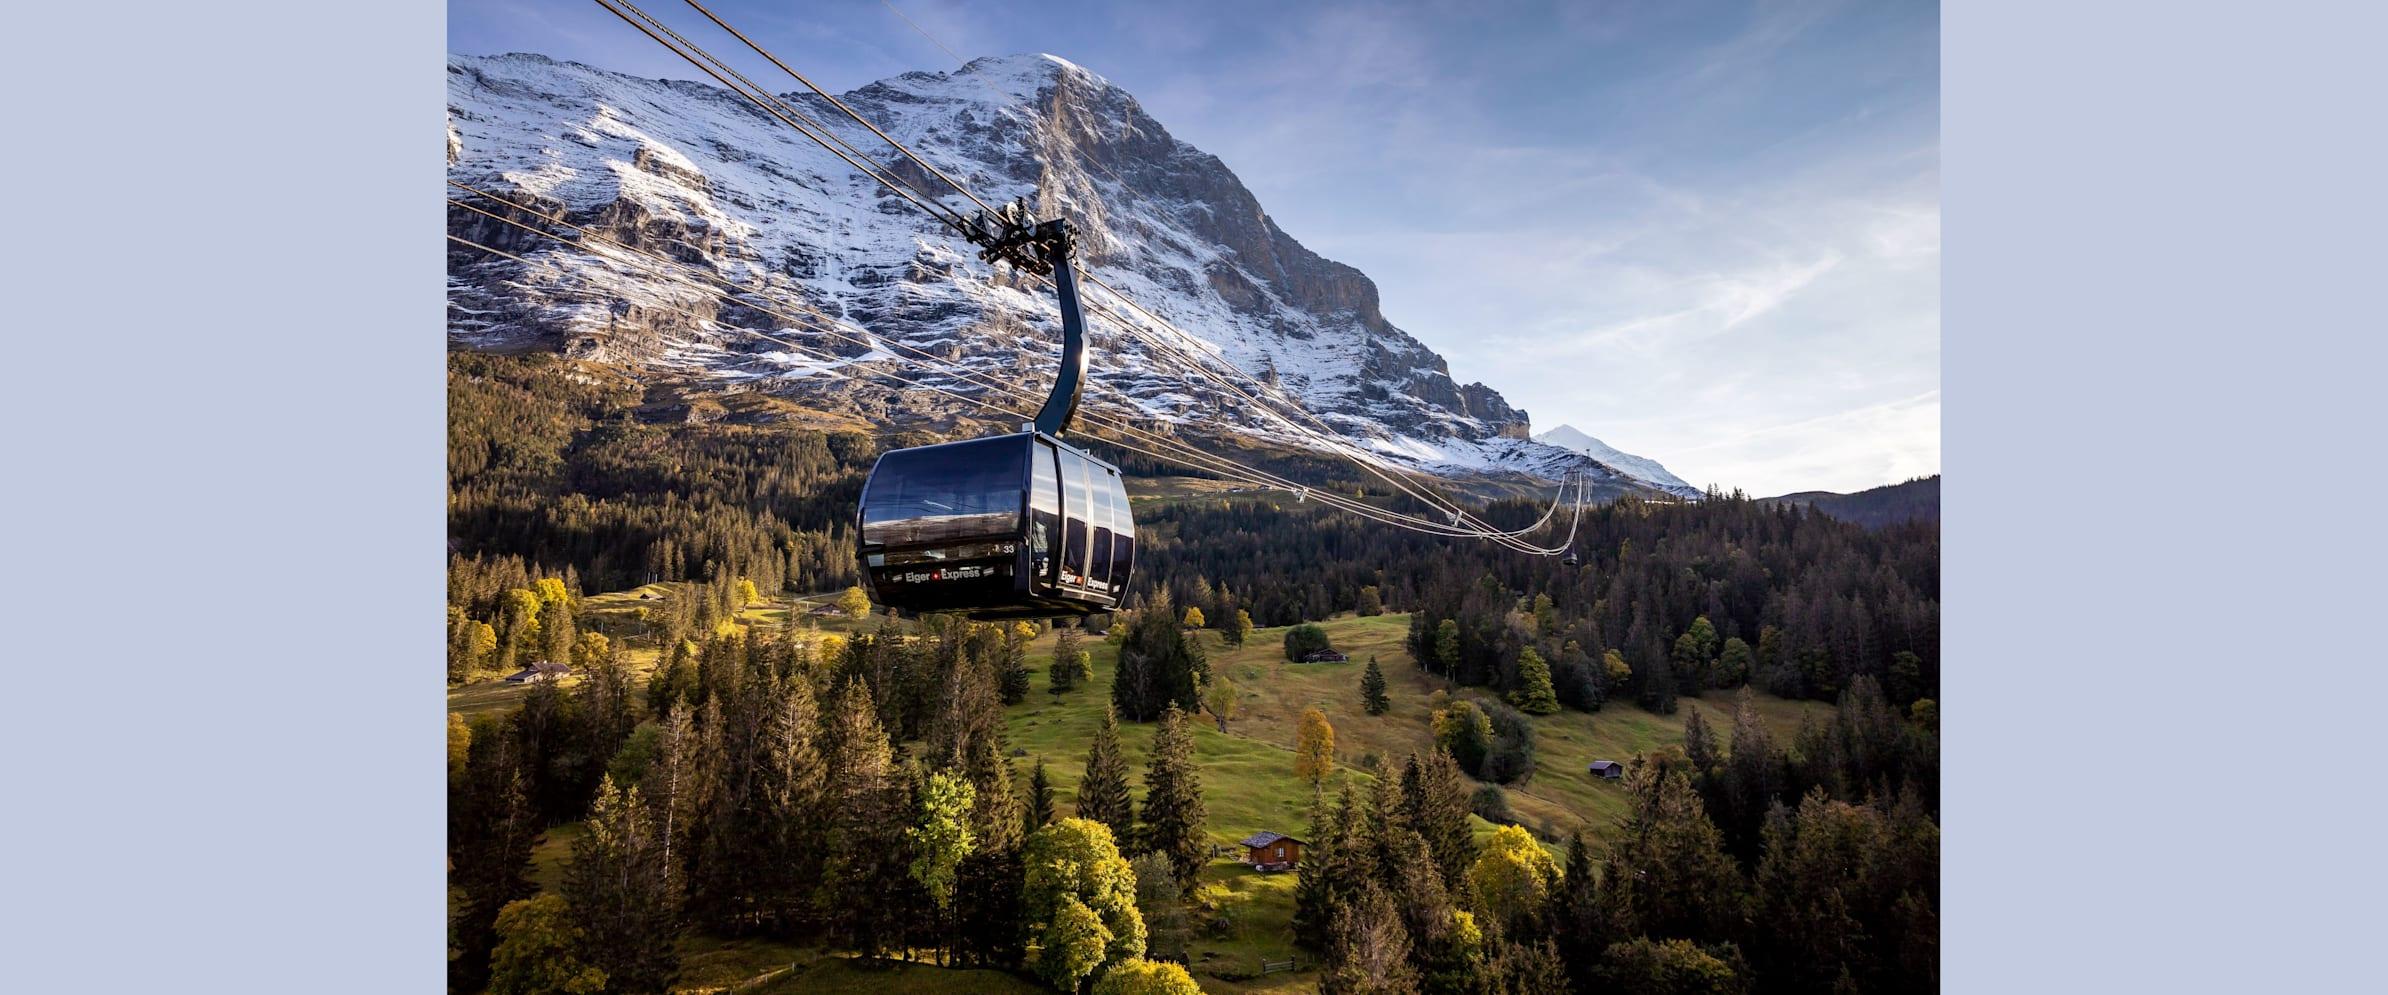 Eiger Express Grindelwald Eigernordwand Nahansicht